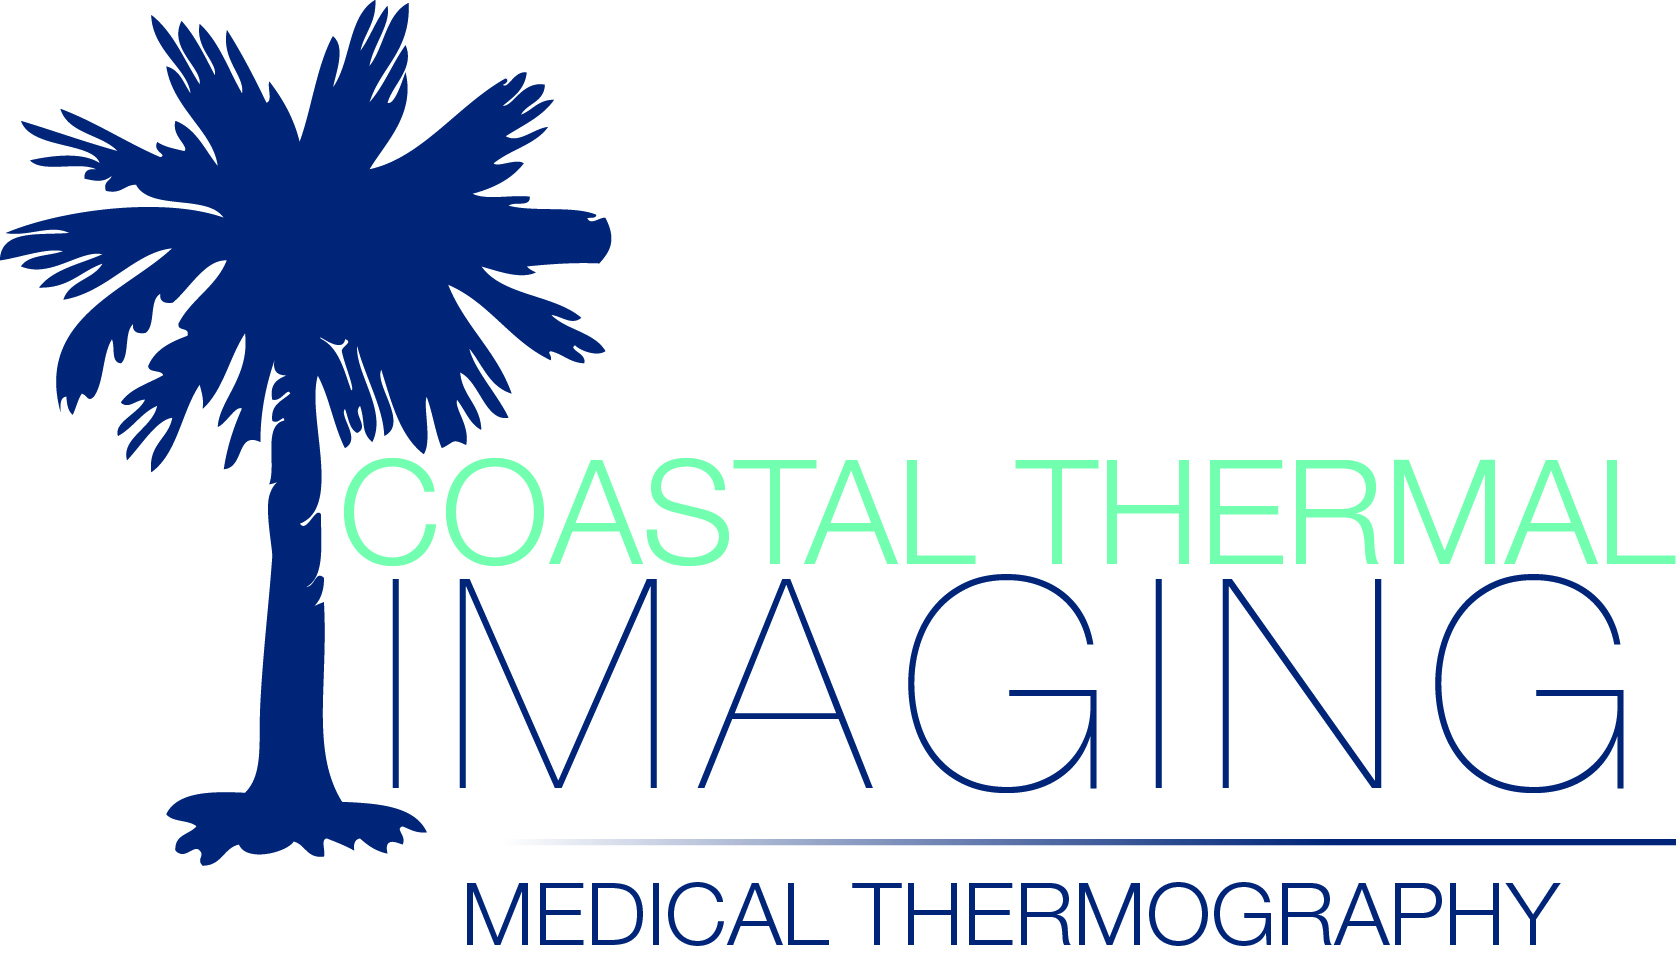 Coastal Thermal Imaging